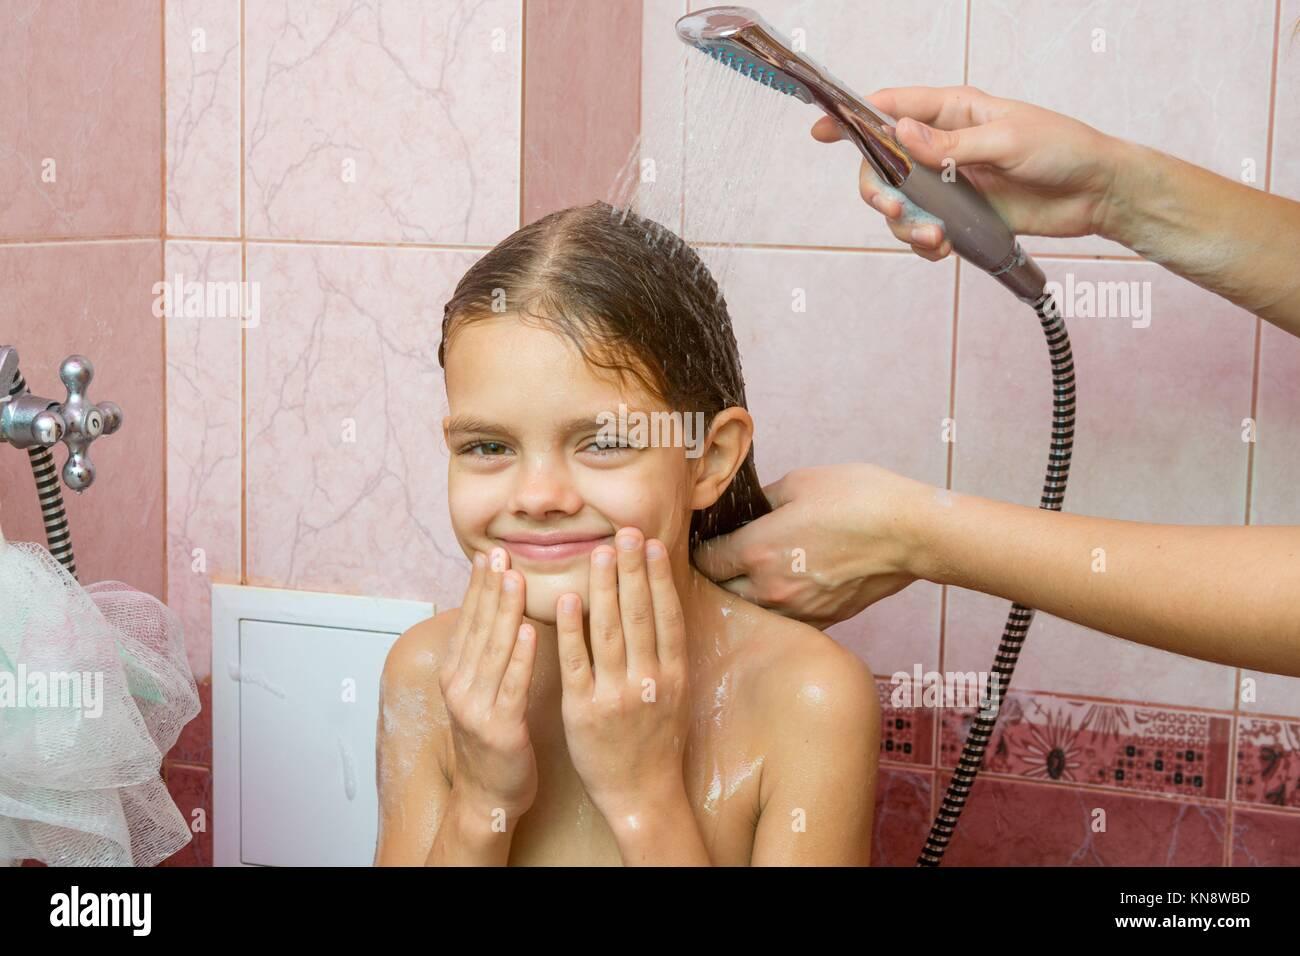 MäDchen In Dusche